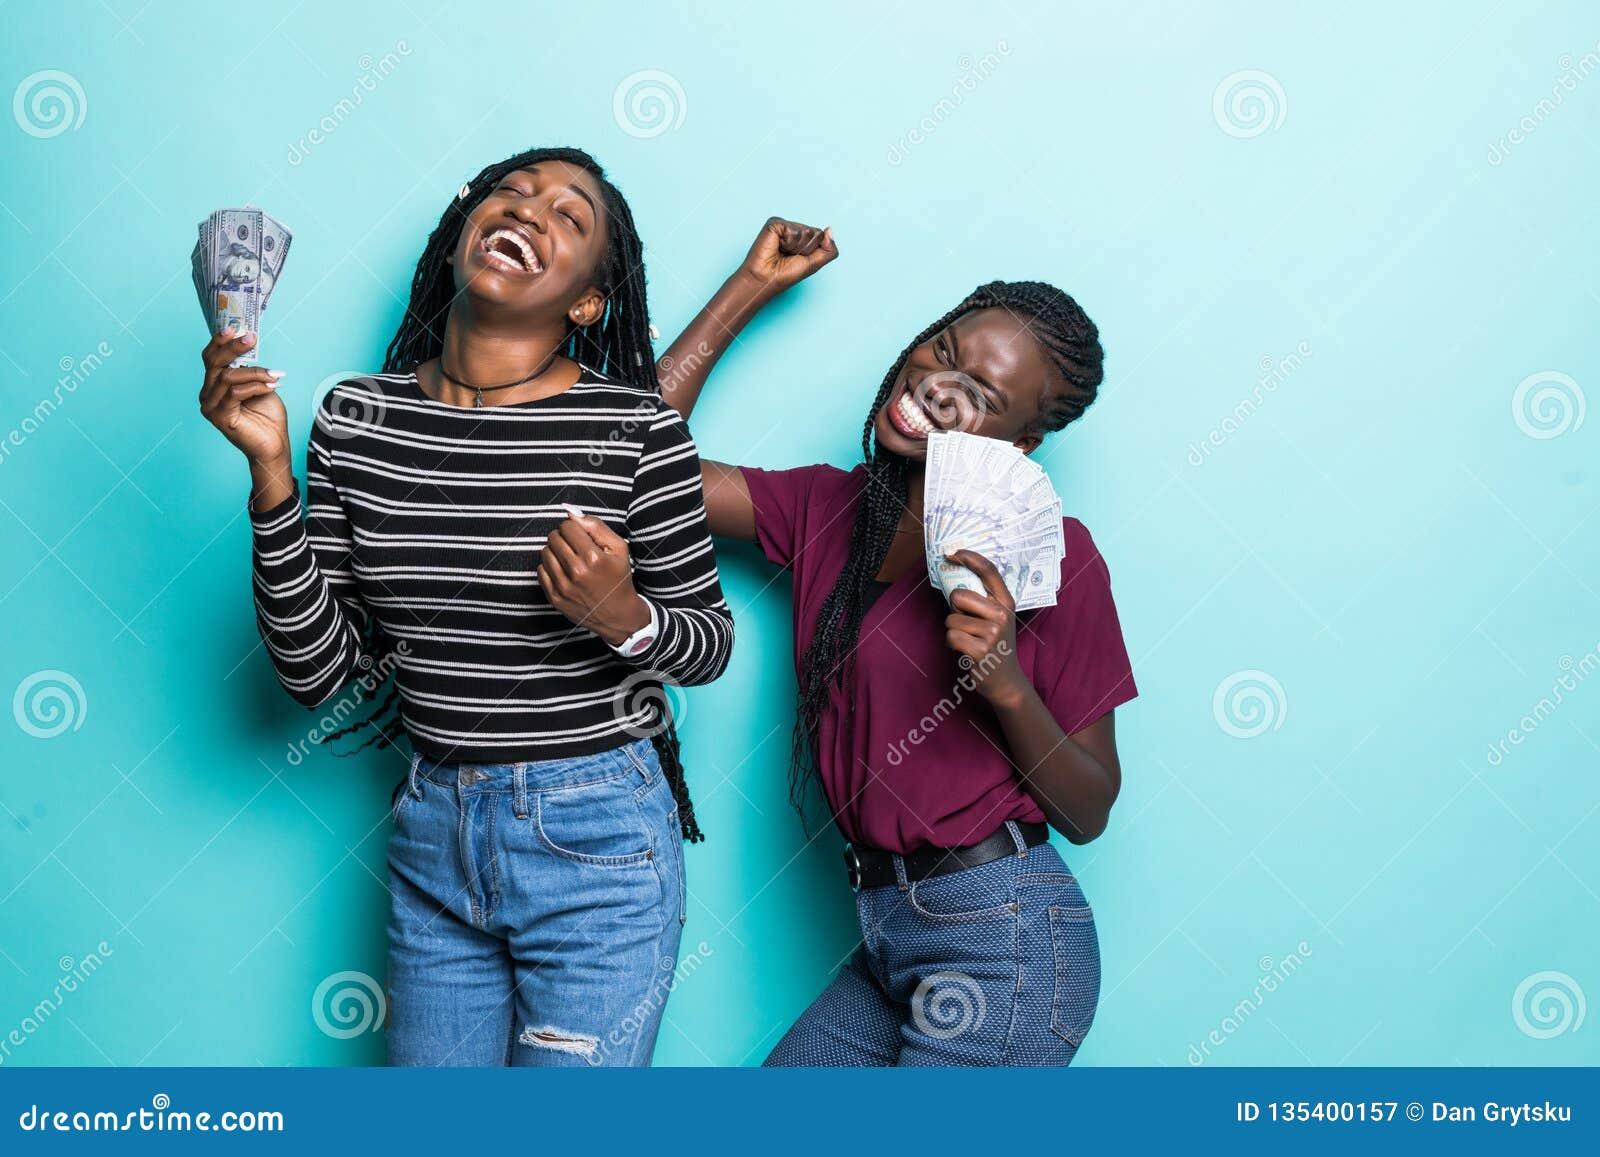 Портрет 2 африканских услаженных девушек радуясь выигрыш и танцуя пока держащ вентиляторы денег наличных денег изолированный над